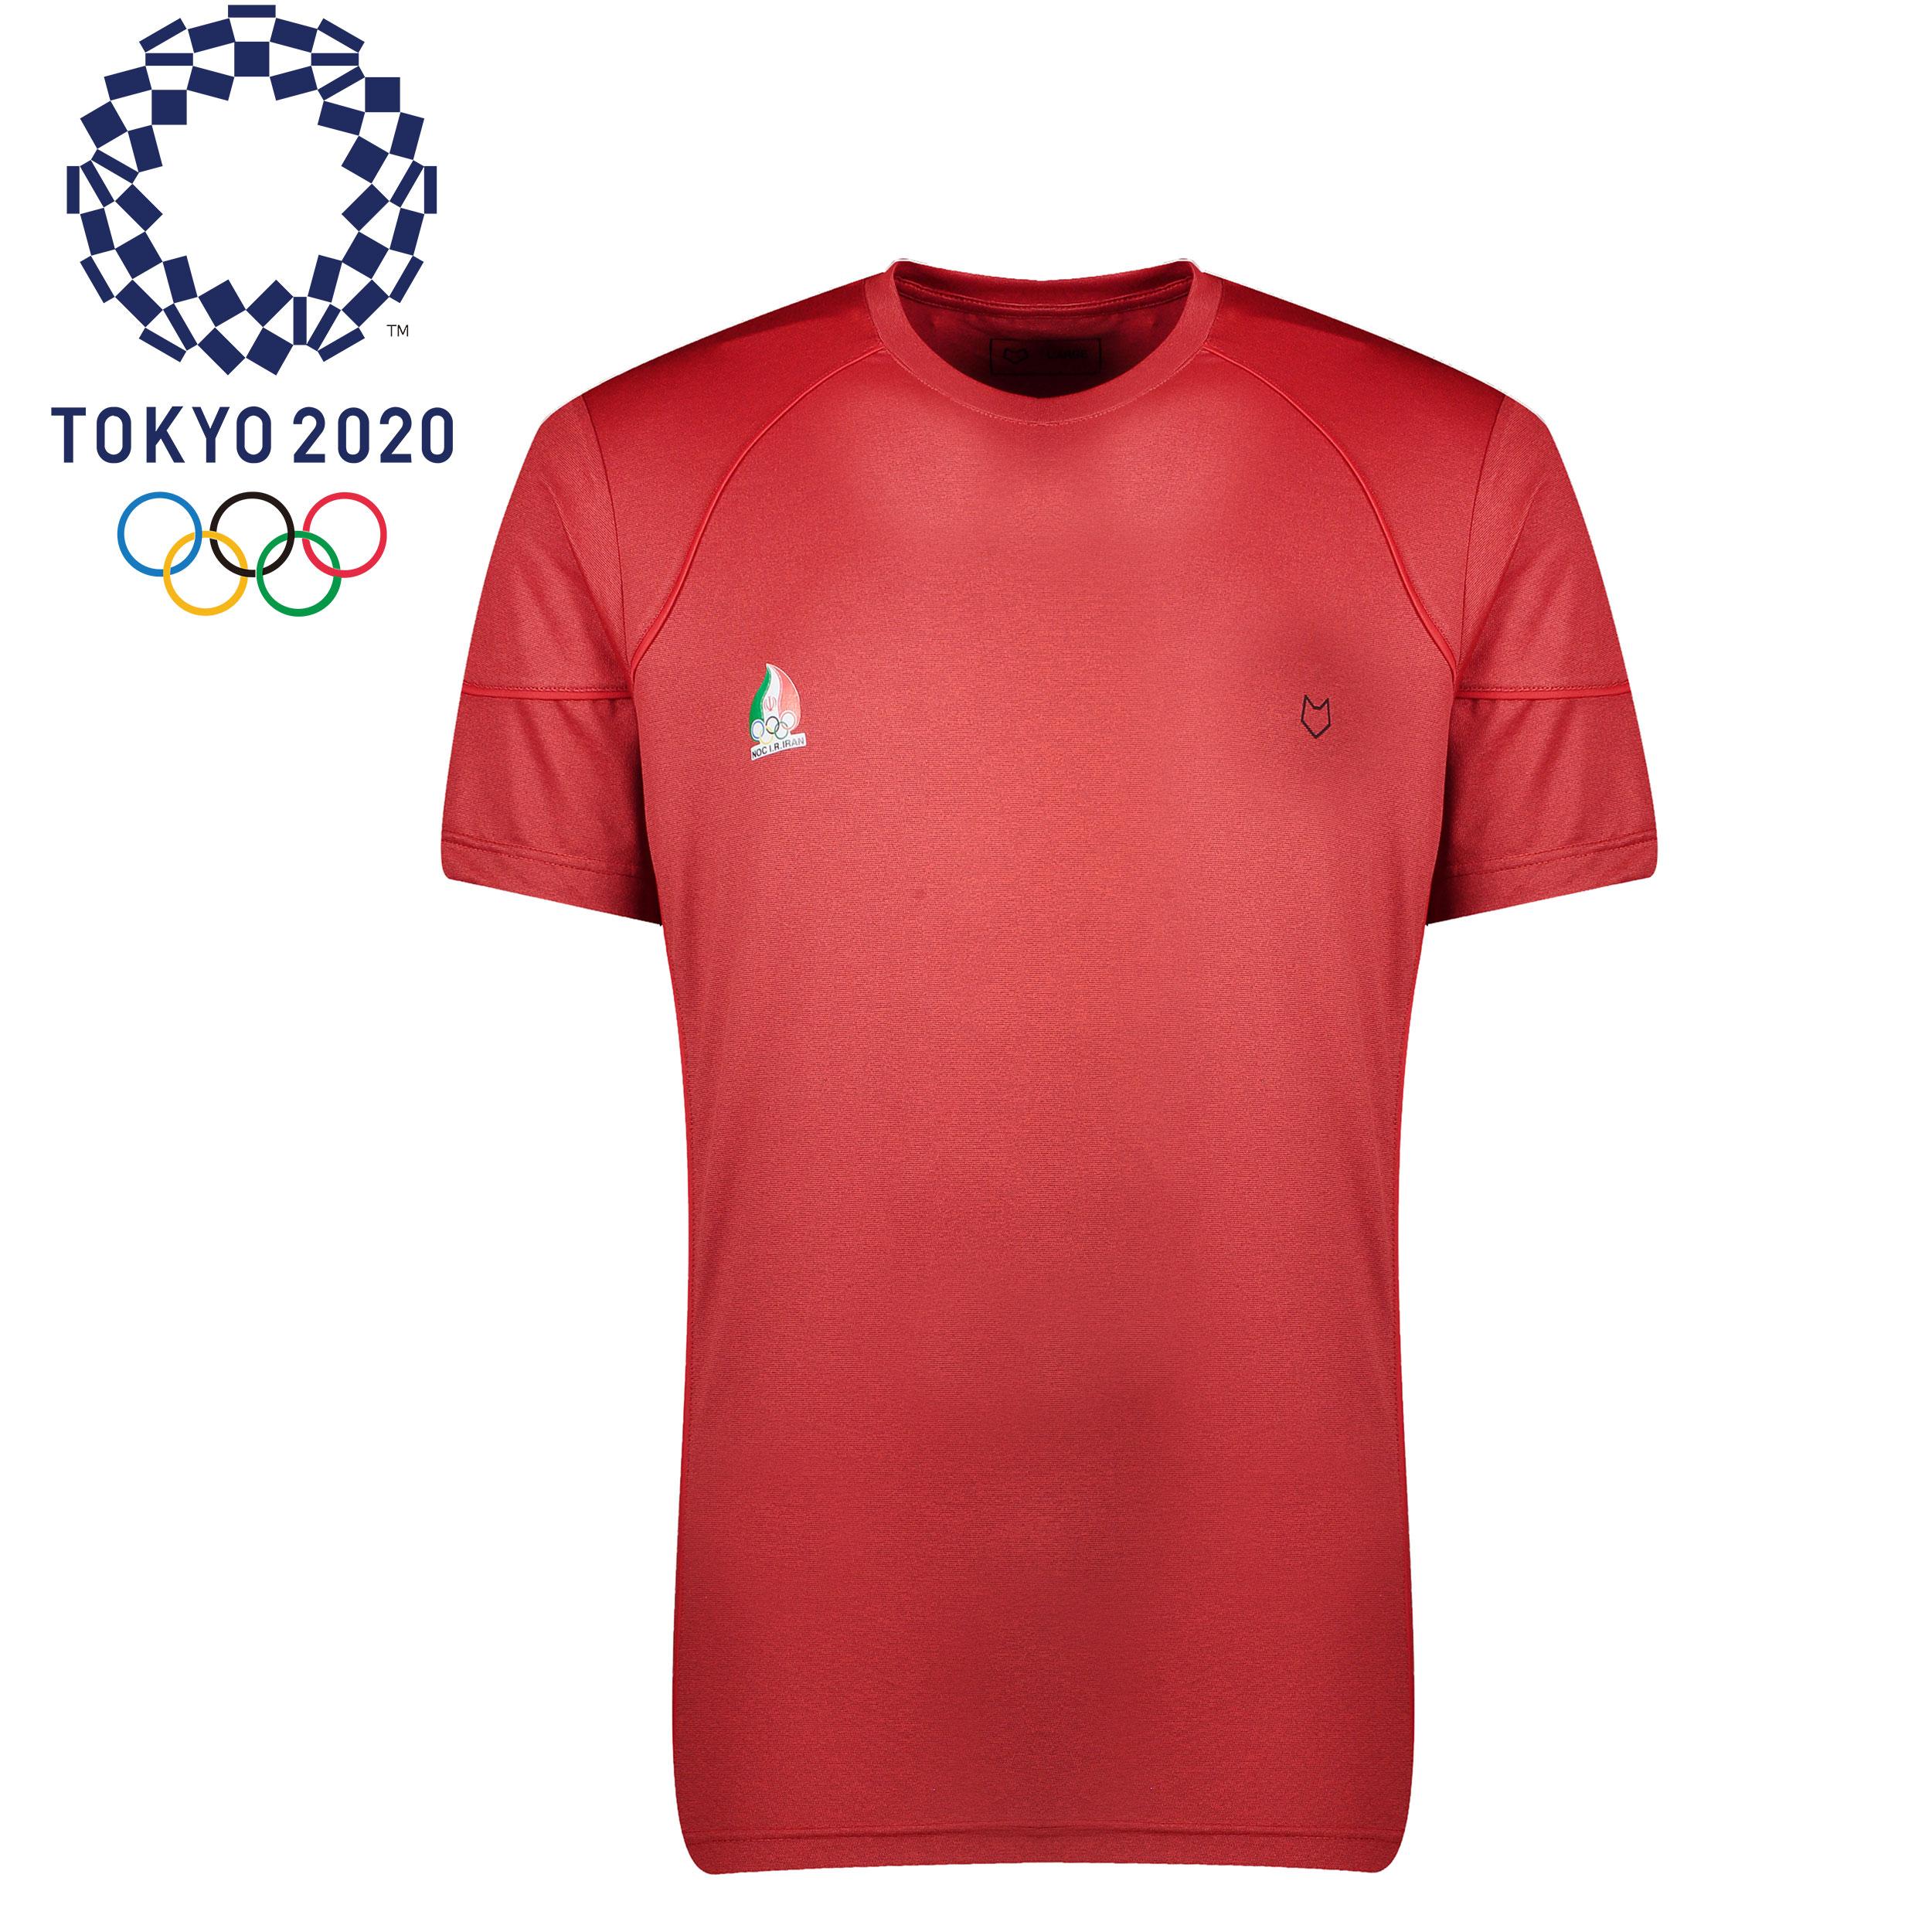 تی شرت ورزشی مردانه مل اند موژ مدل M07048-003